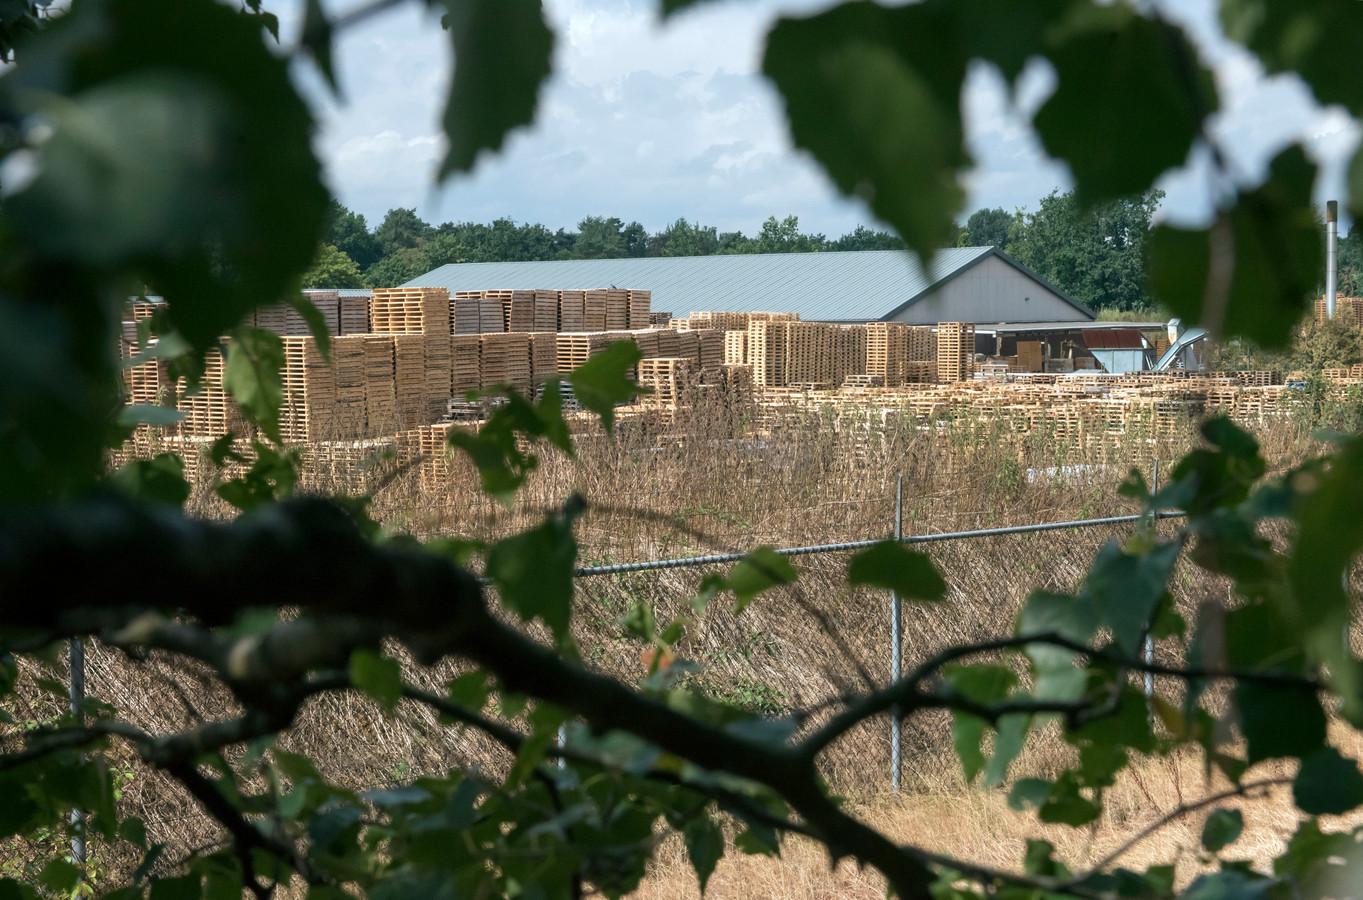 Ten Hove Pallets ligt in het groen, tussen de campings. Niet ideaal, vindt Bedrijvenkring Ermelo. Foto ter illustratie.